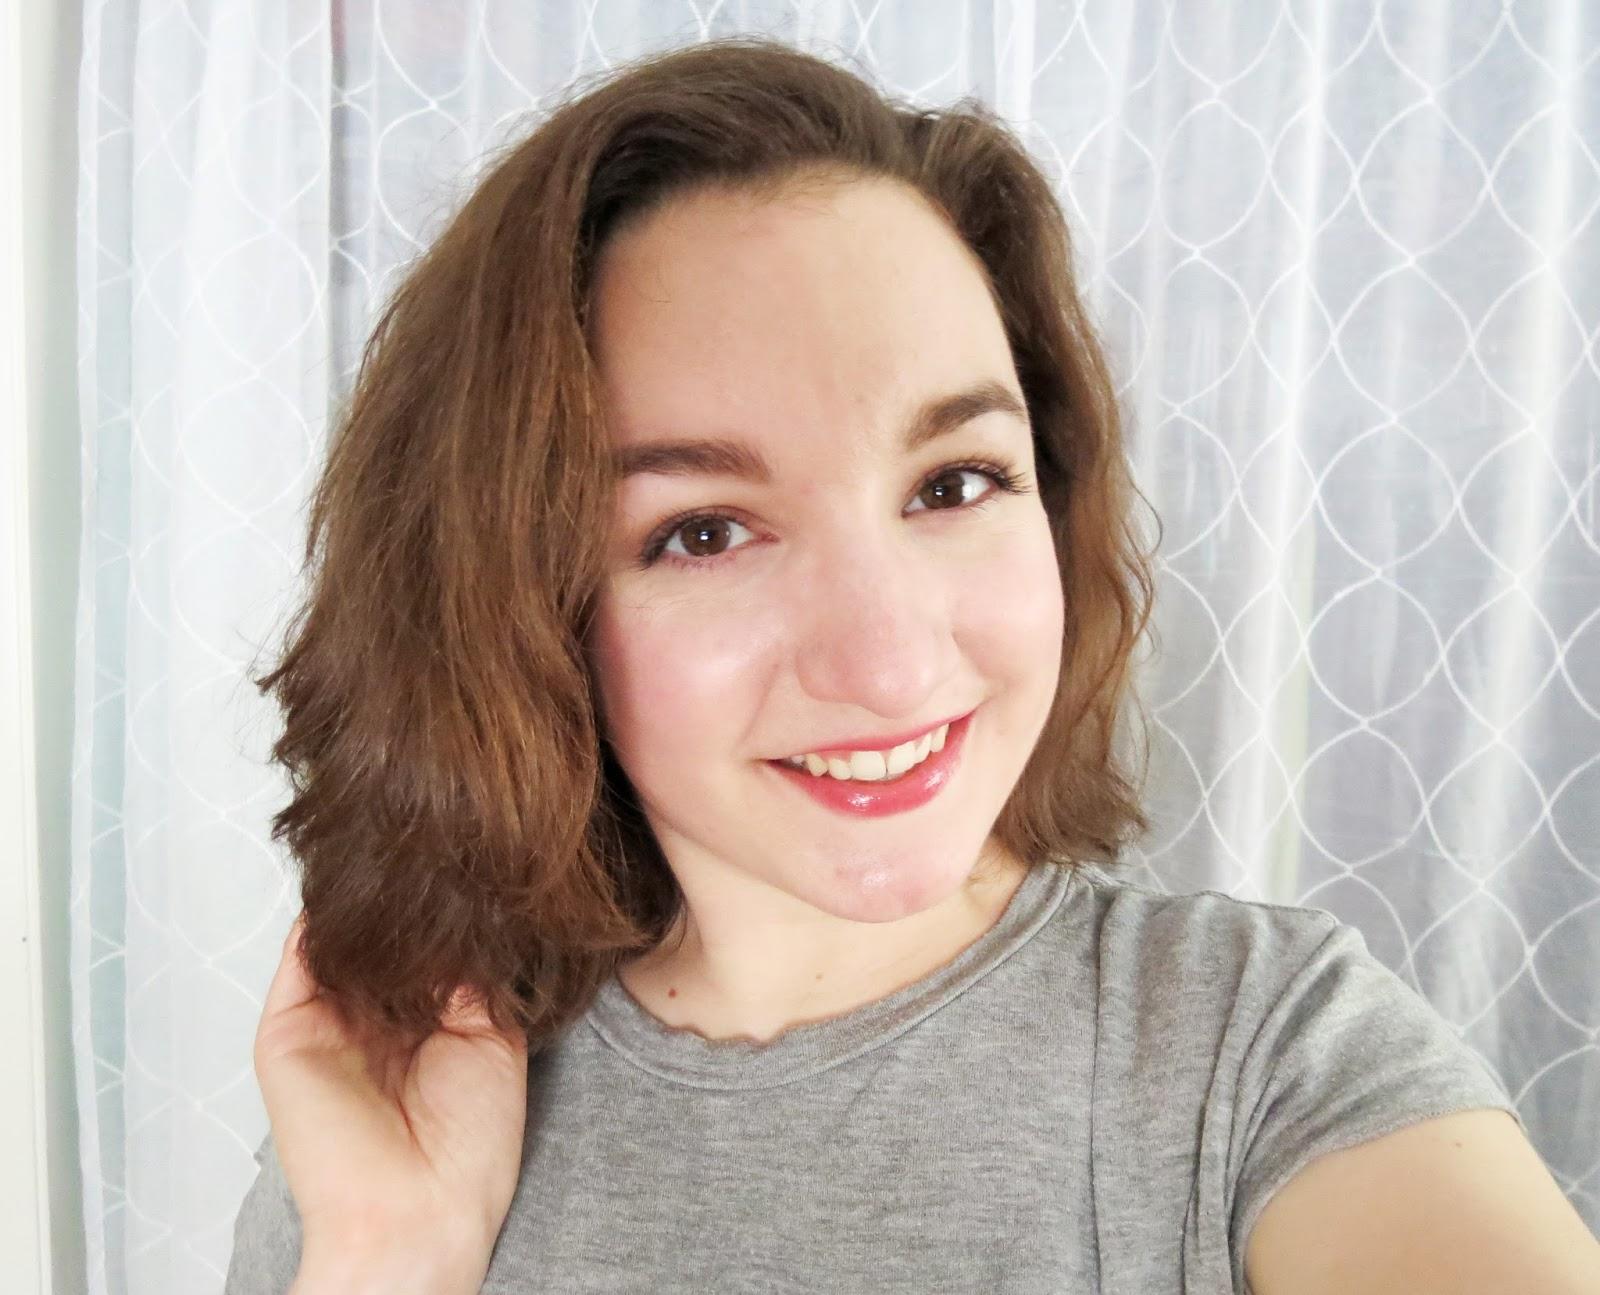 kelseybeauty%2Bhaircut%2B3.jpg